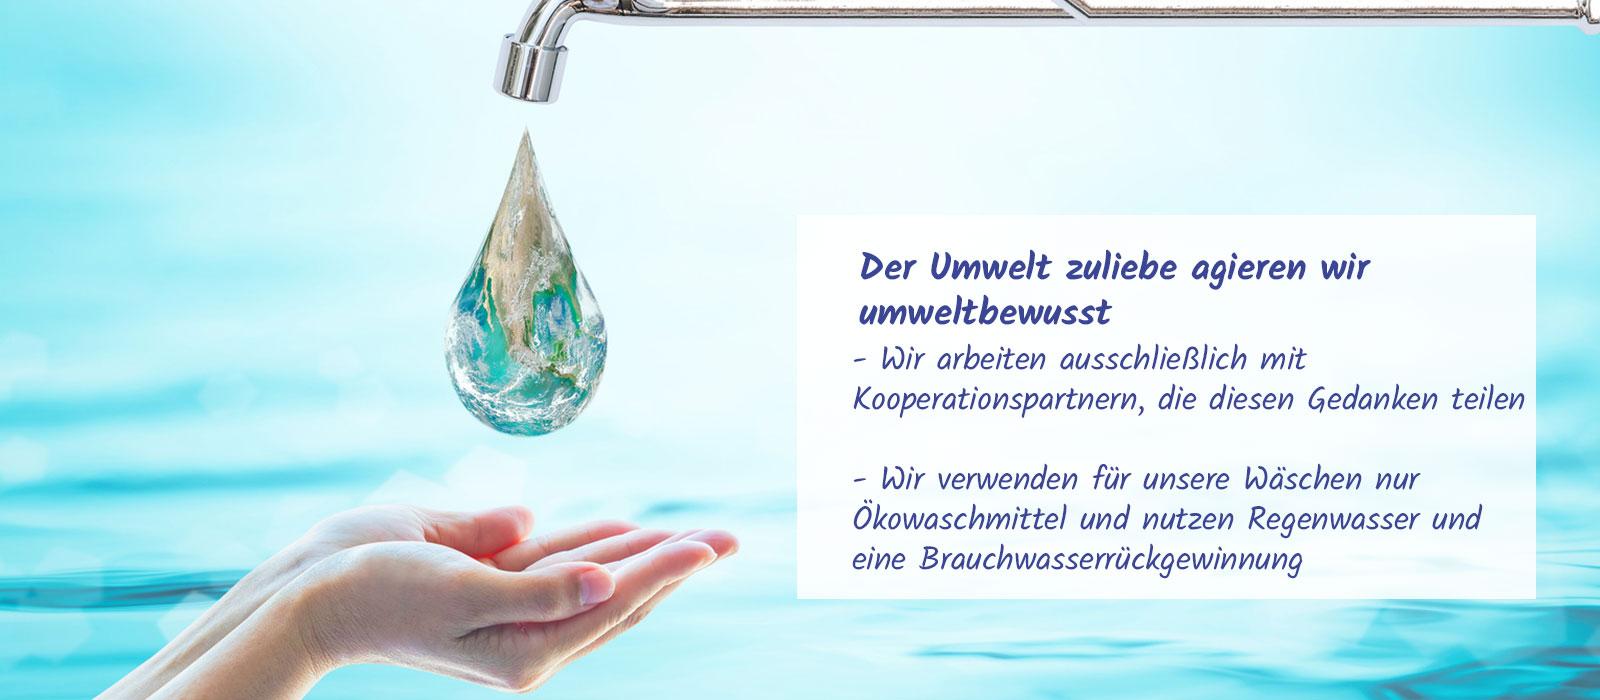 8b3e0604b8f990 Hygiene-Service für Büro-Gastronomie-Hotellerie Pulheim – Waschbär ...